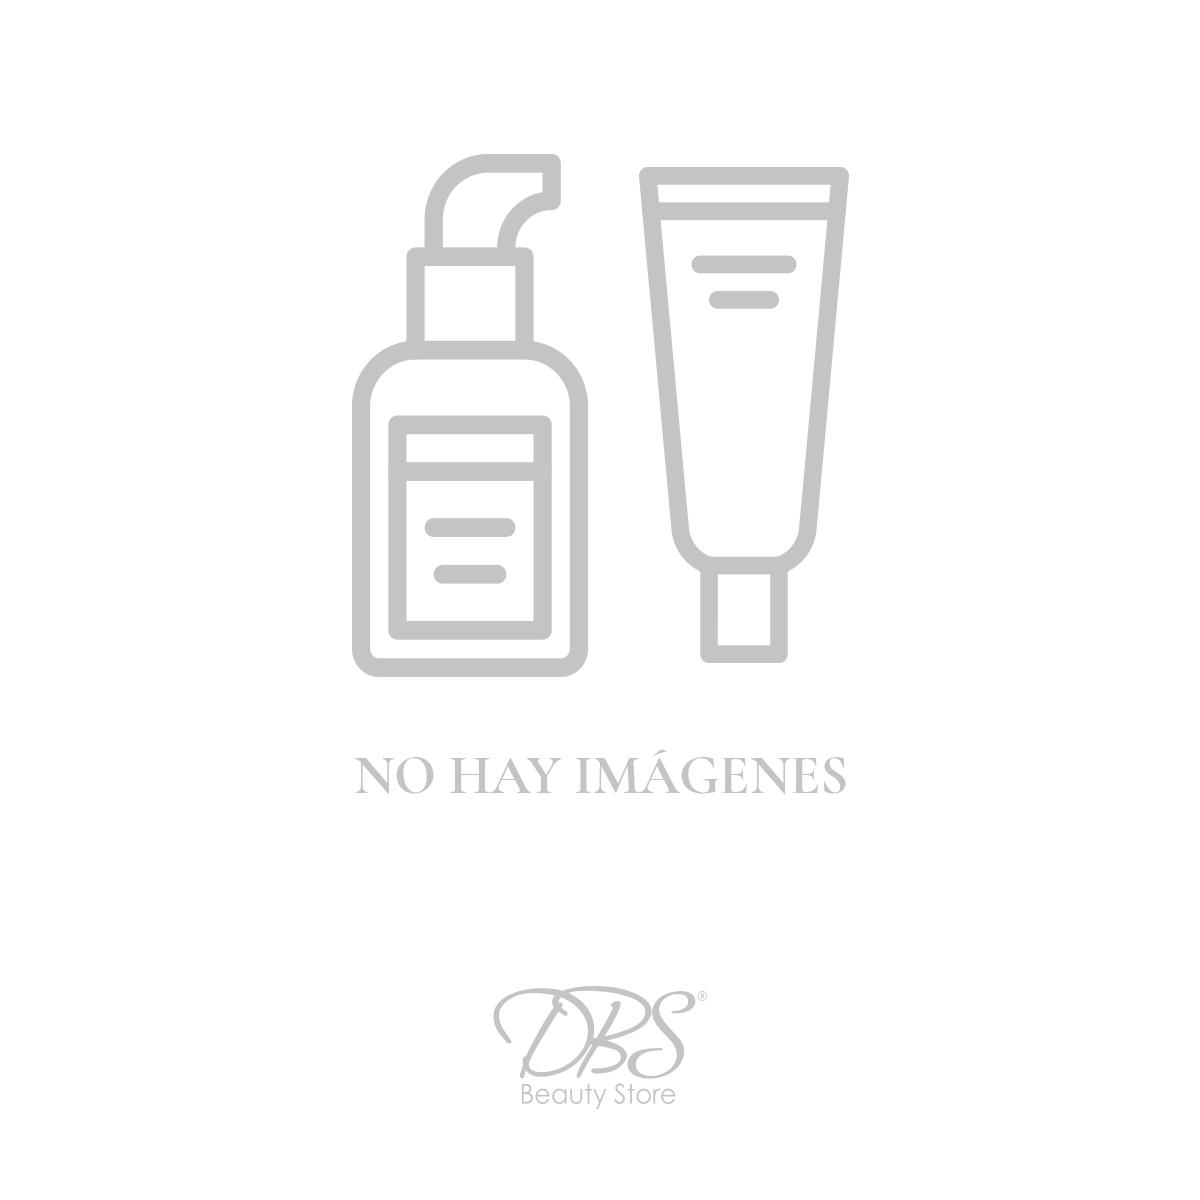 bath-and-body-works-BW-03220.jpg